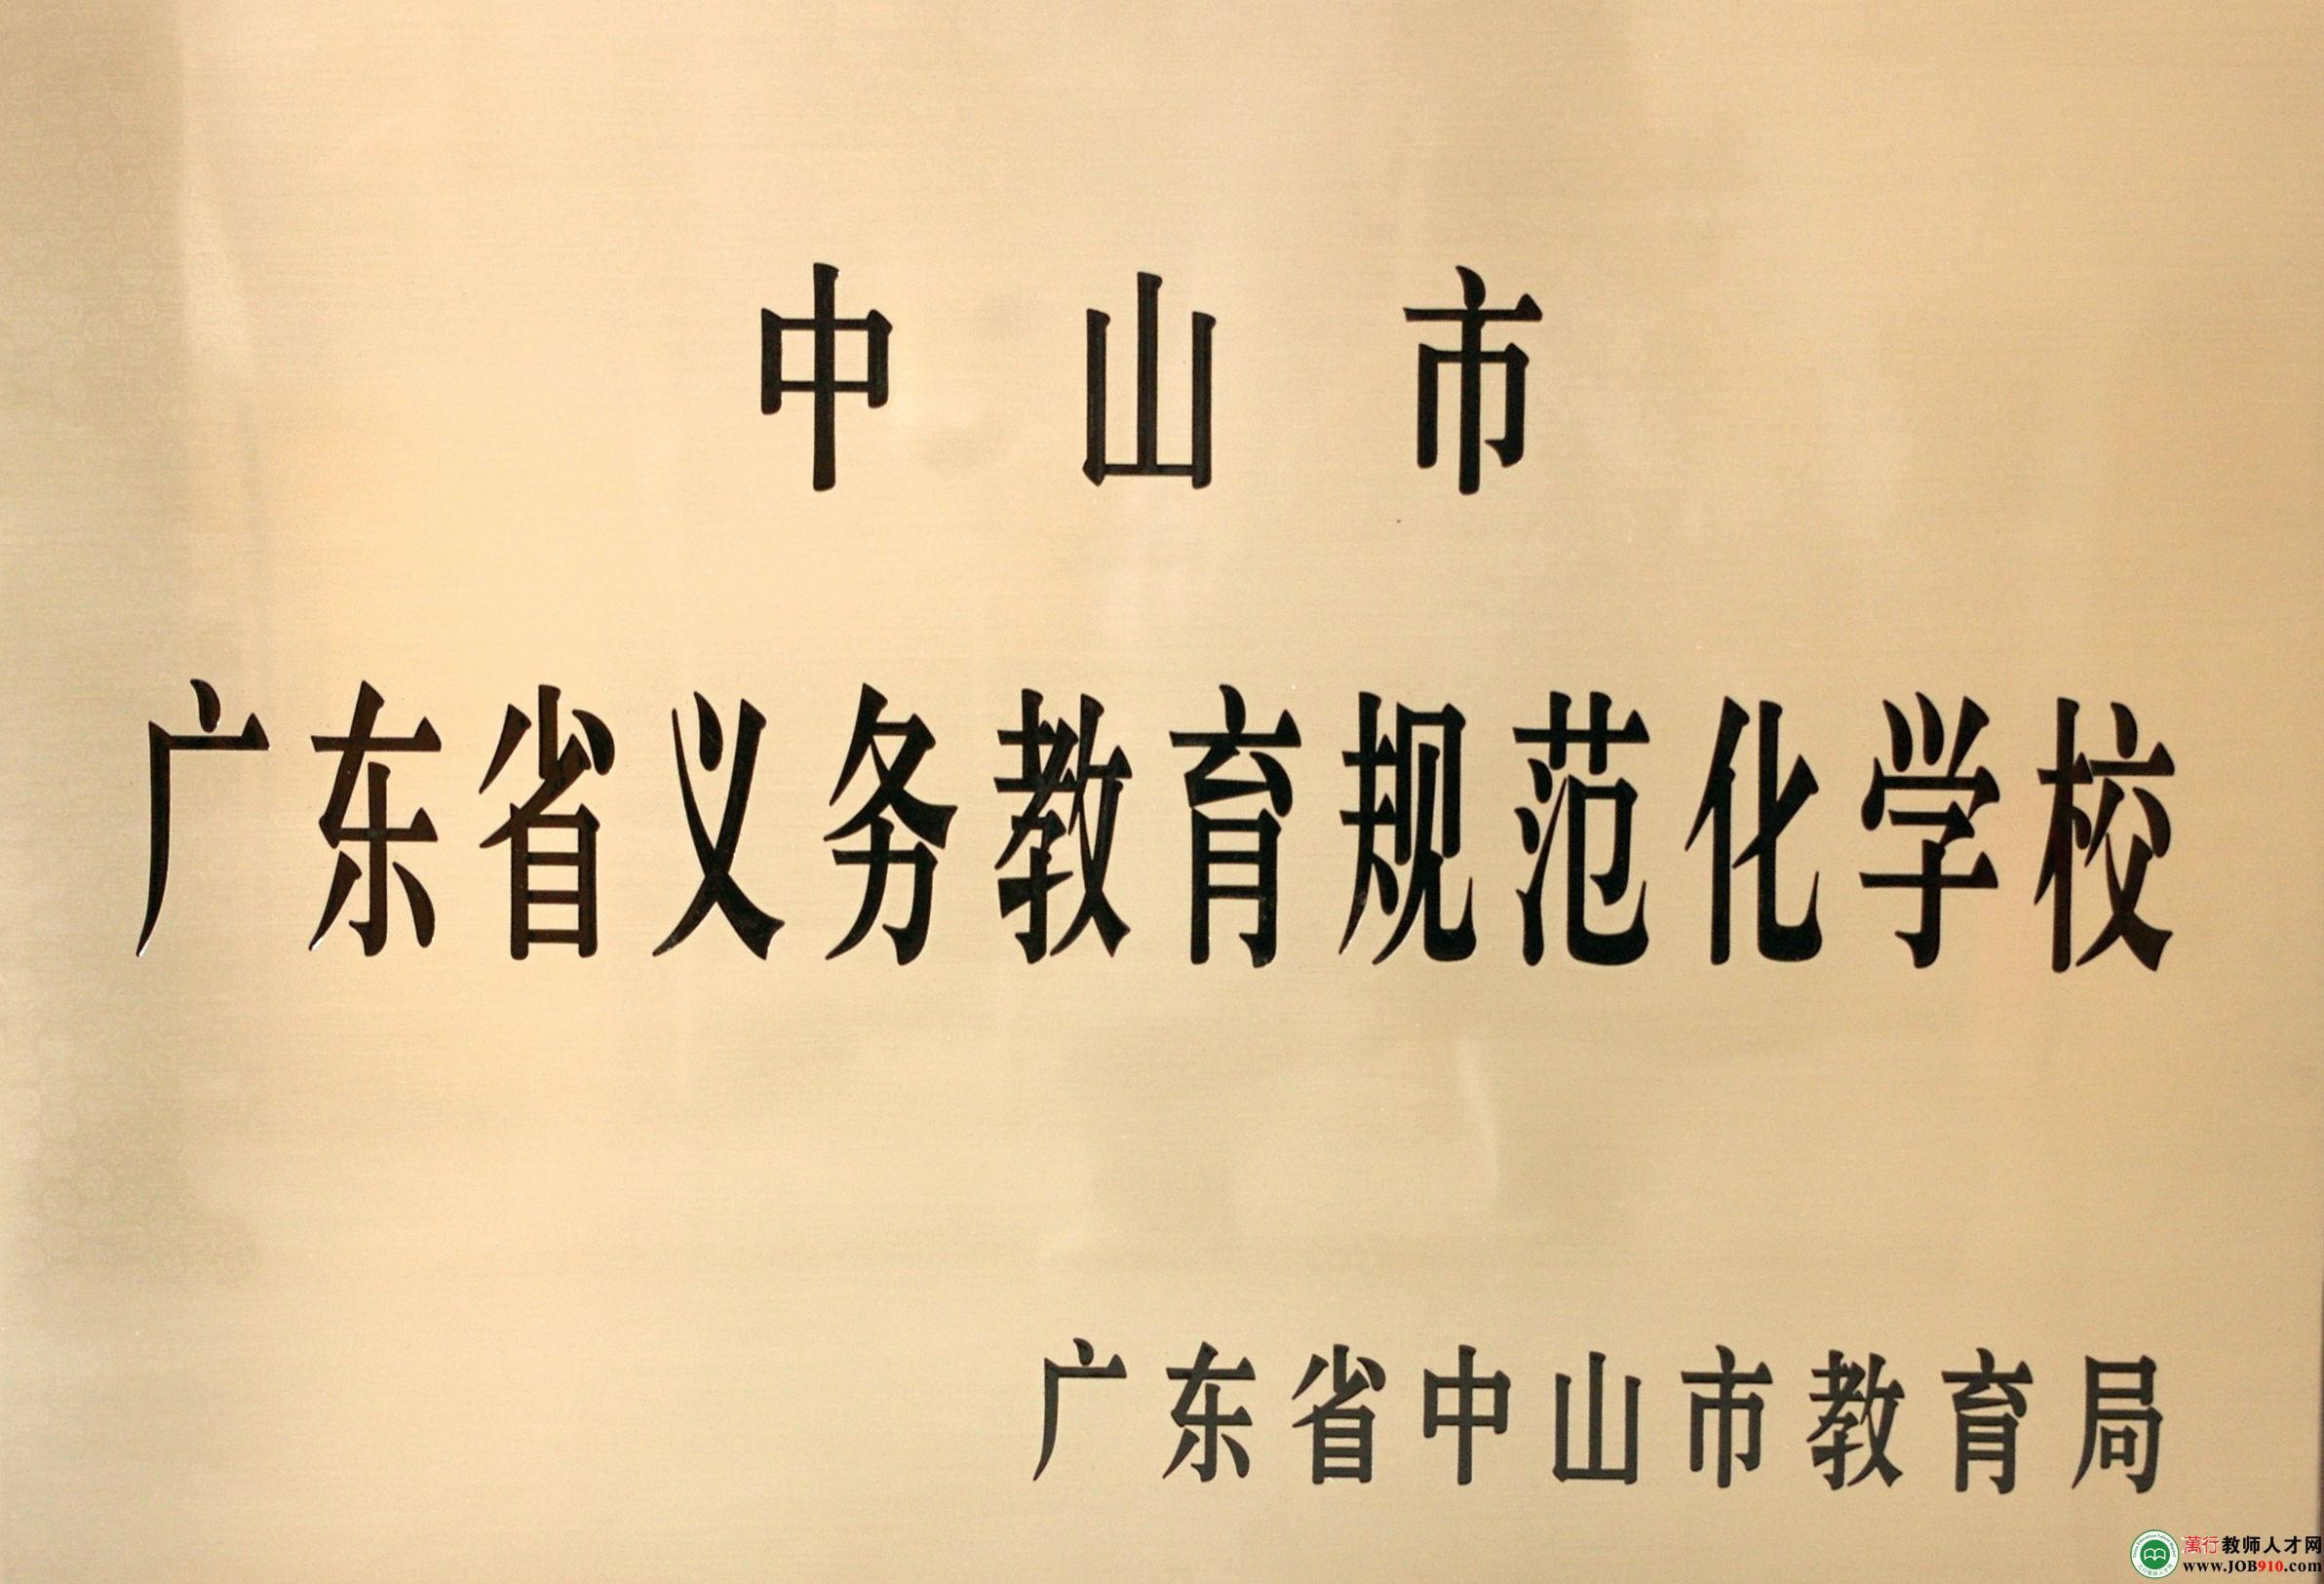 广东省义务教育规范化学校